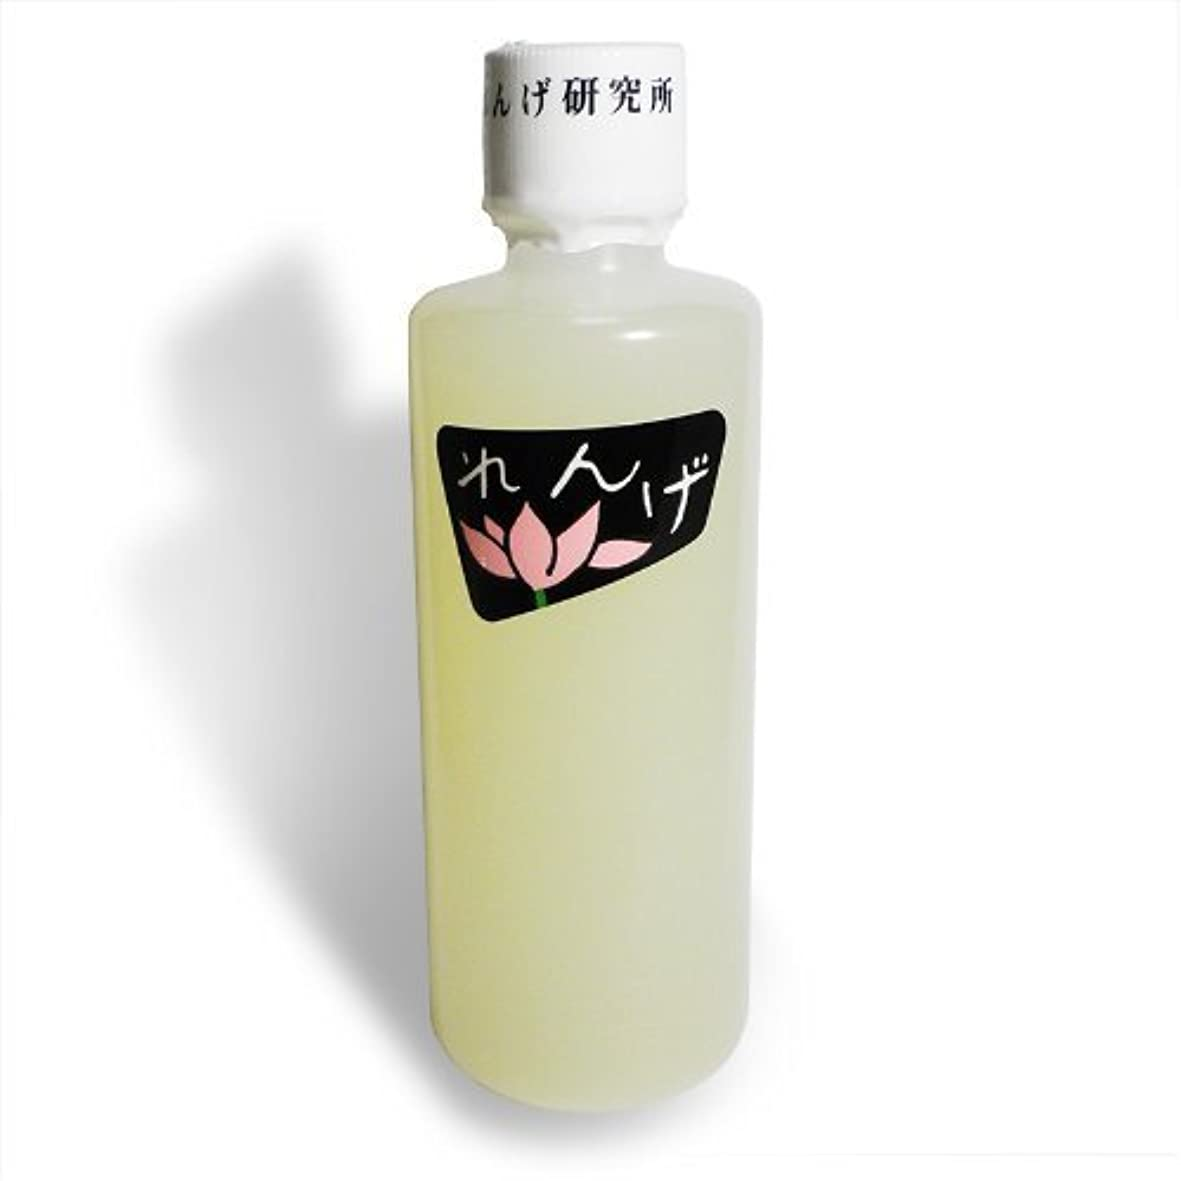 反毒悪用暴行れんげ研究所 れんげ化粧水 140cc×10本